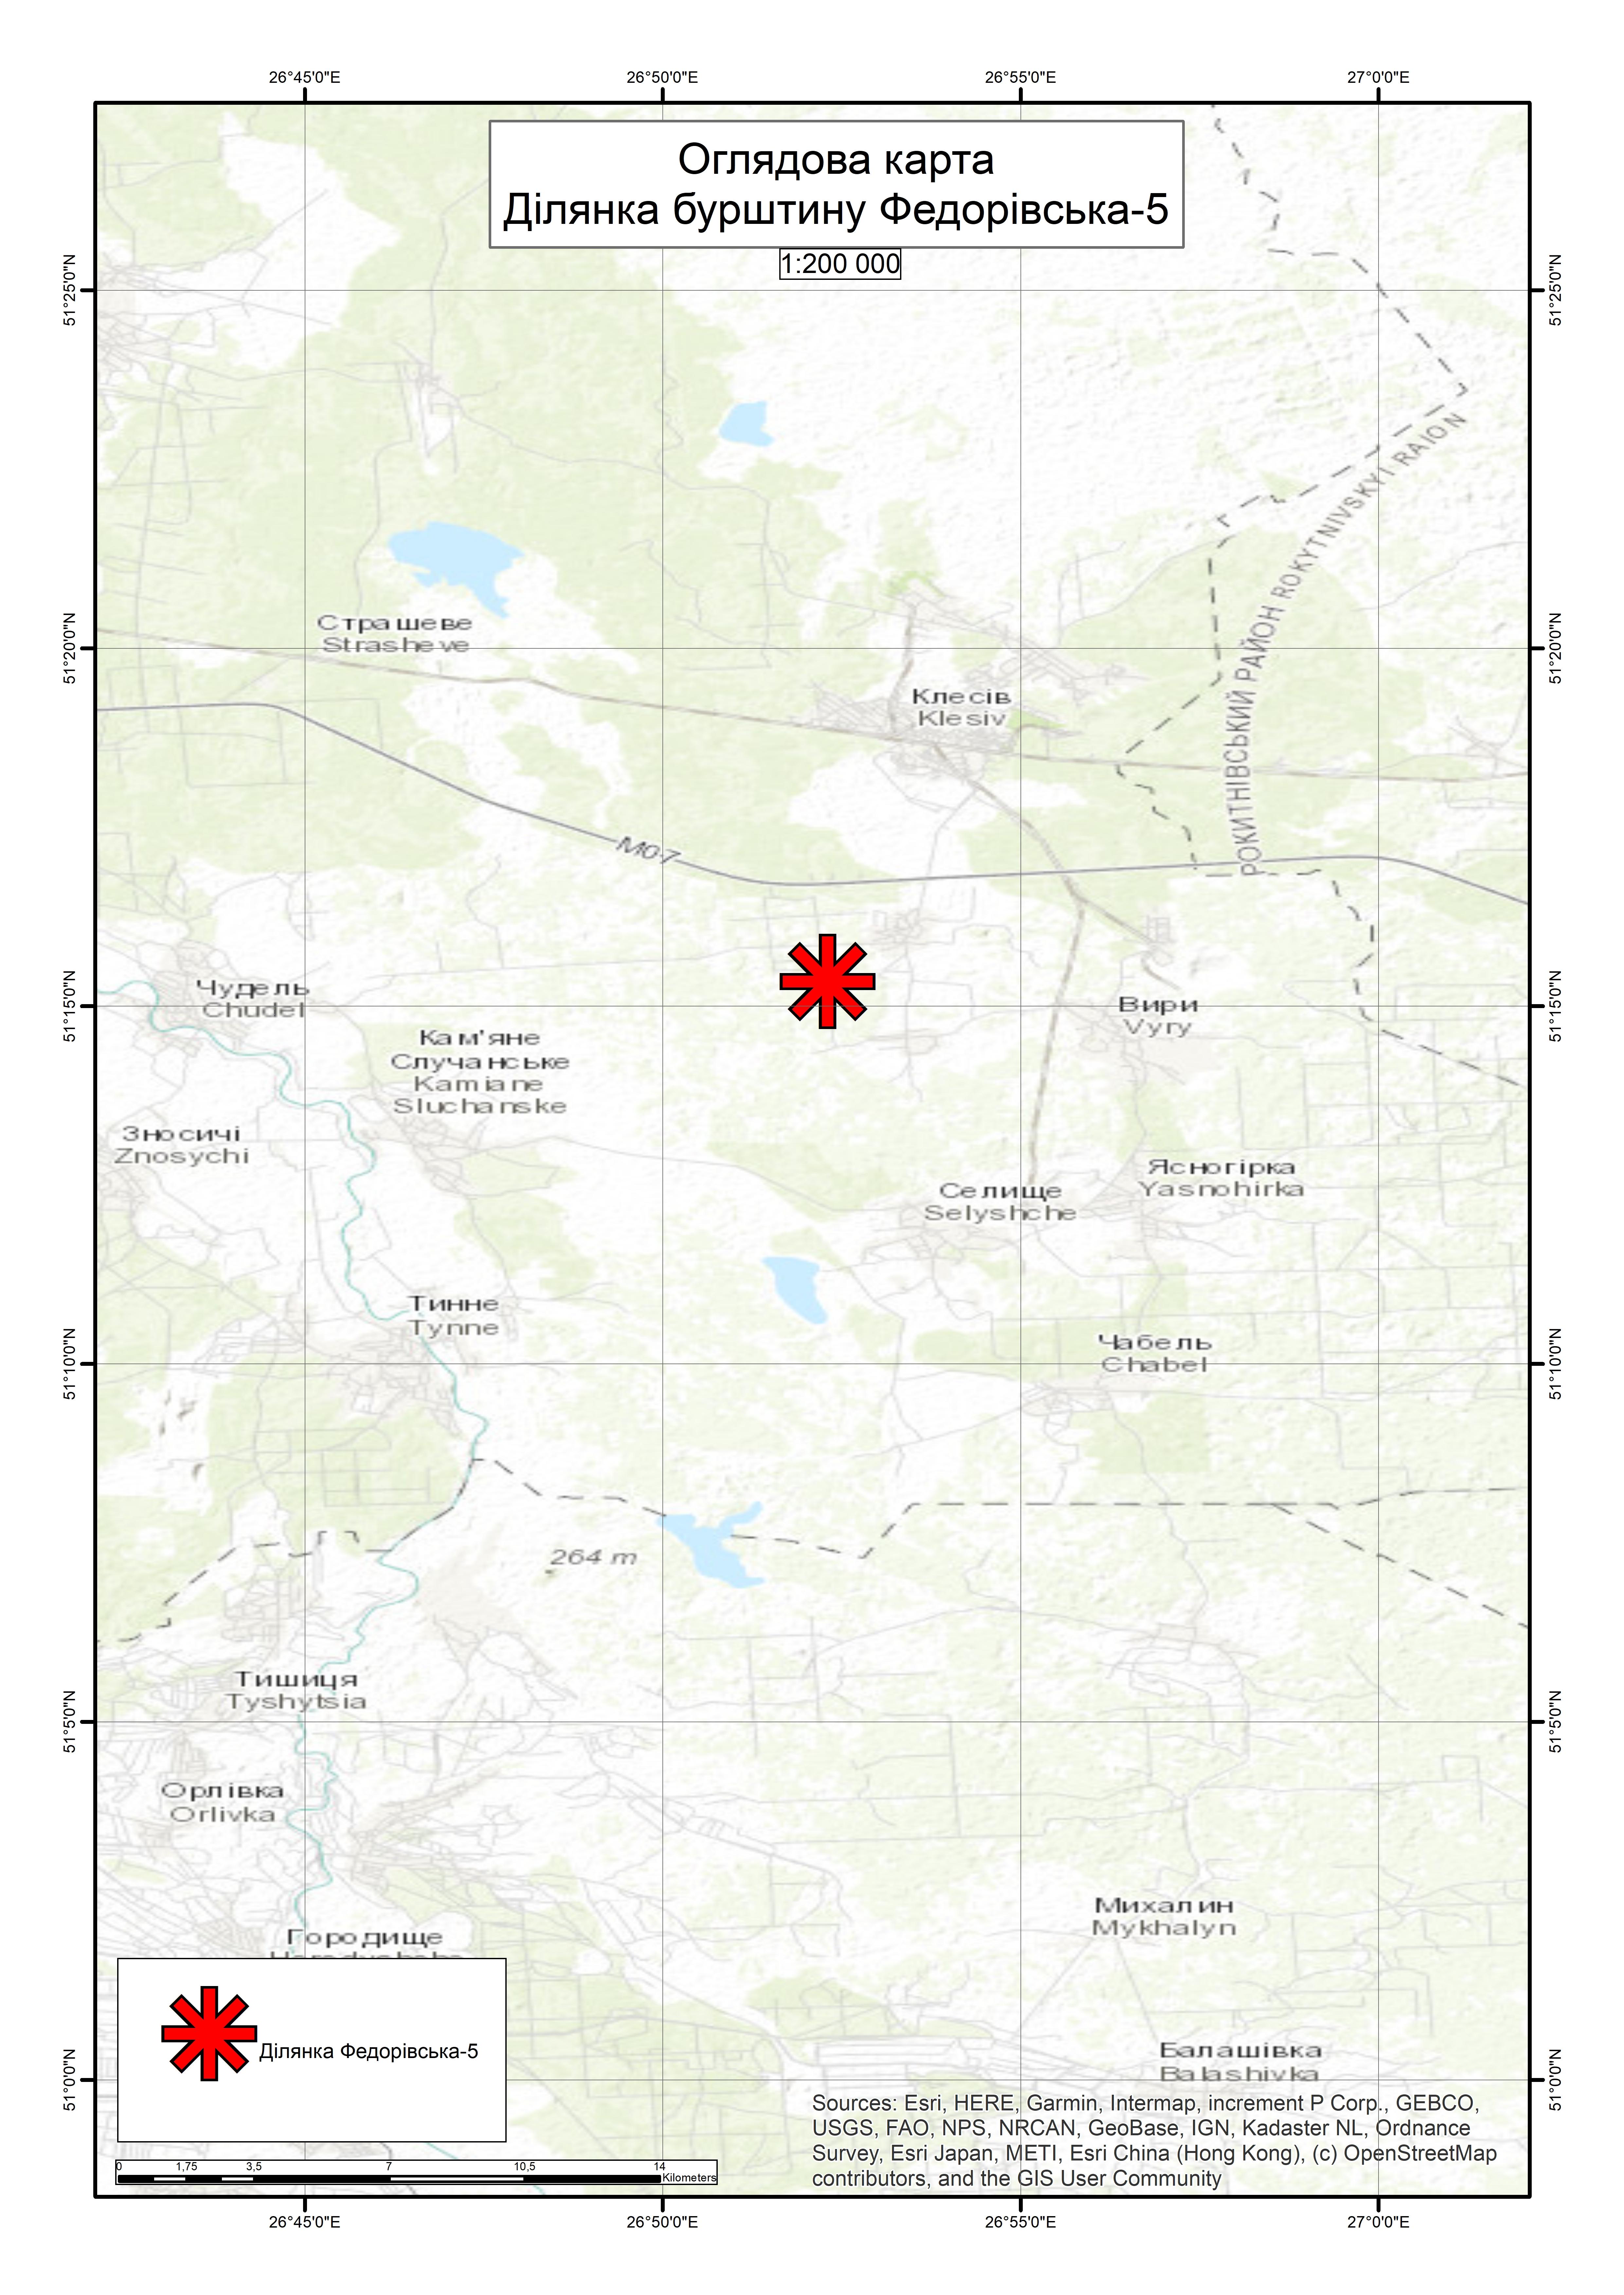 Спеціальний дозвіл на користування надрами – Ділянка Федорівська-5. Вартість геологічної інформації – 124 434,97 грн (з ПДВ). Вартість пакету аукціонної документації – 10 470,10 грн (з ПДВ).